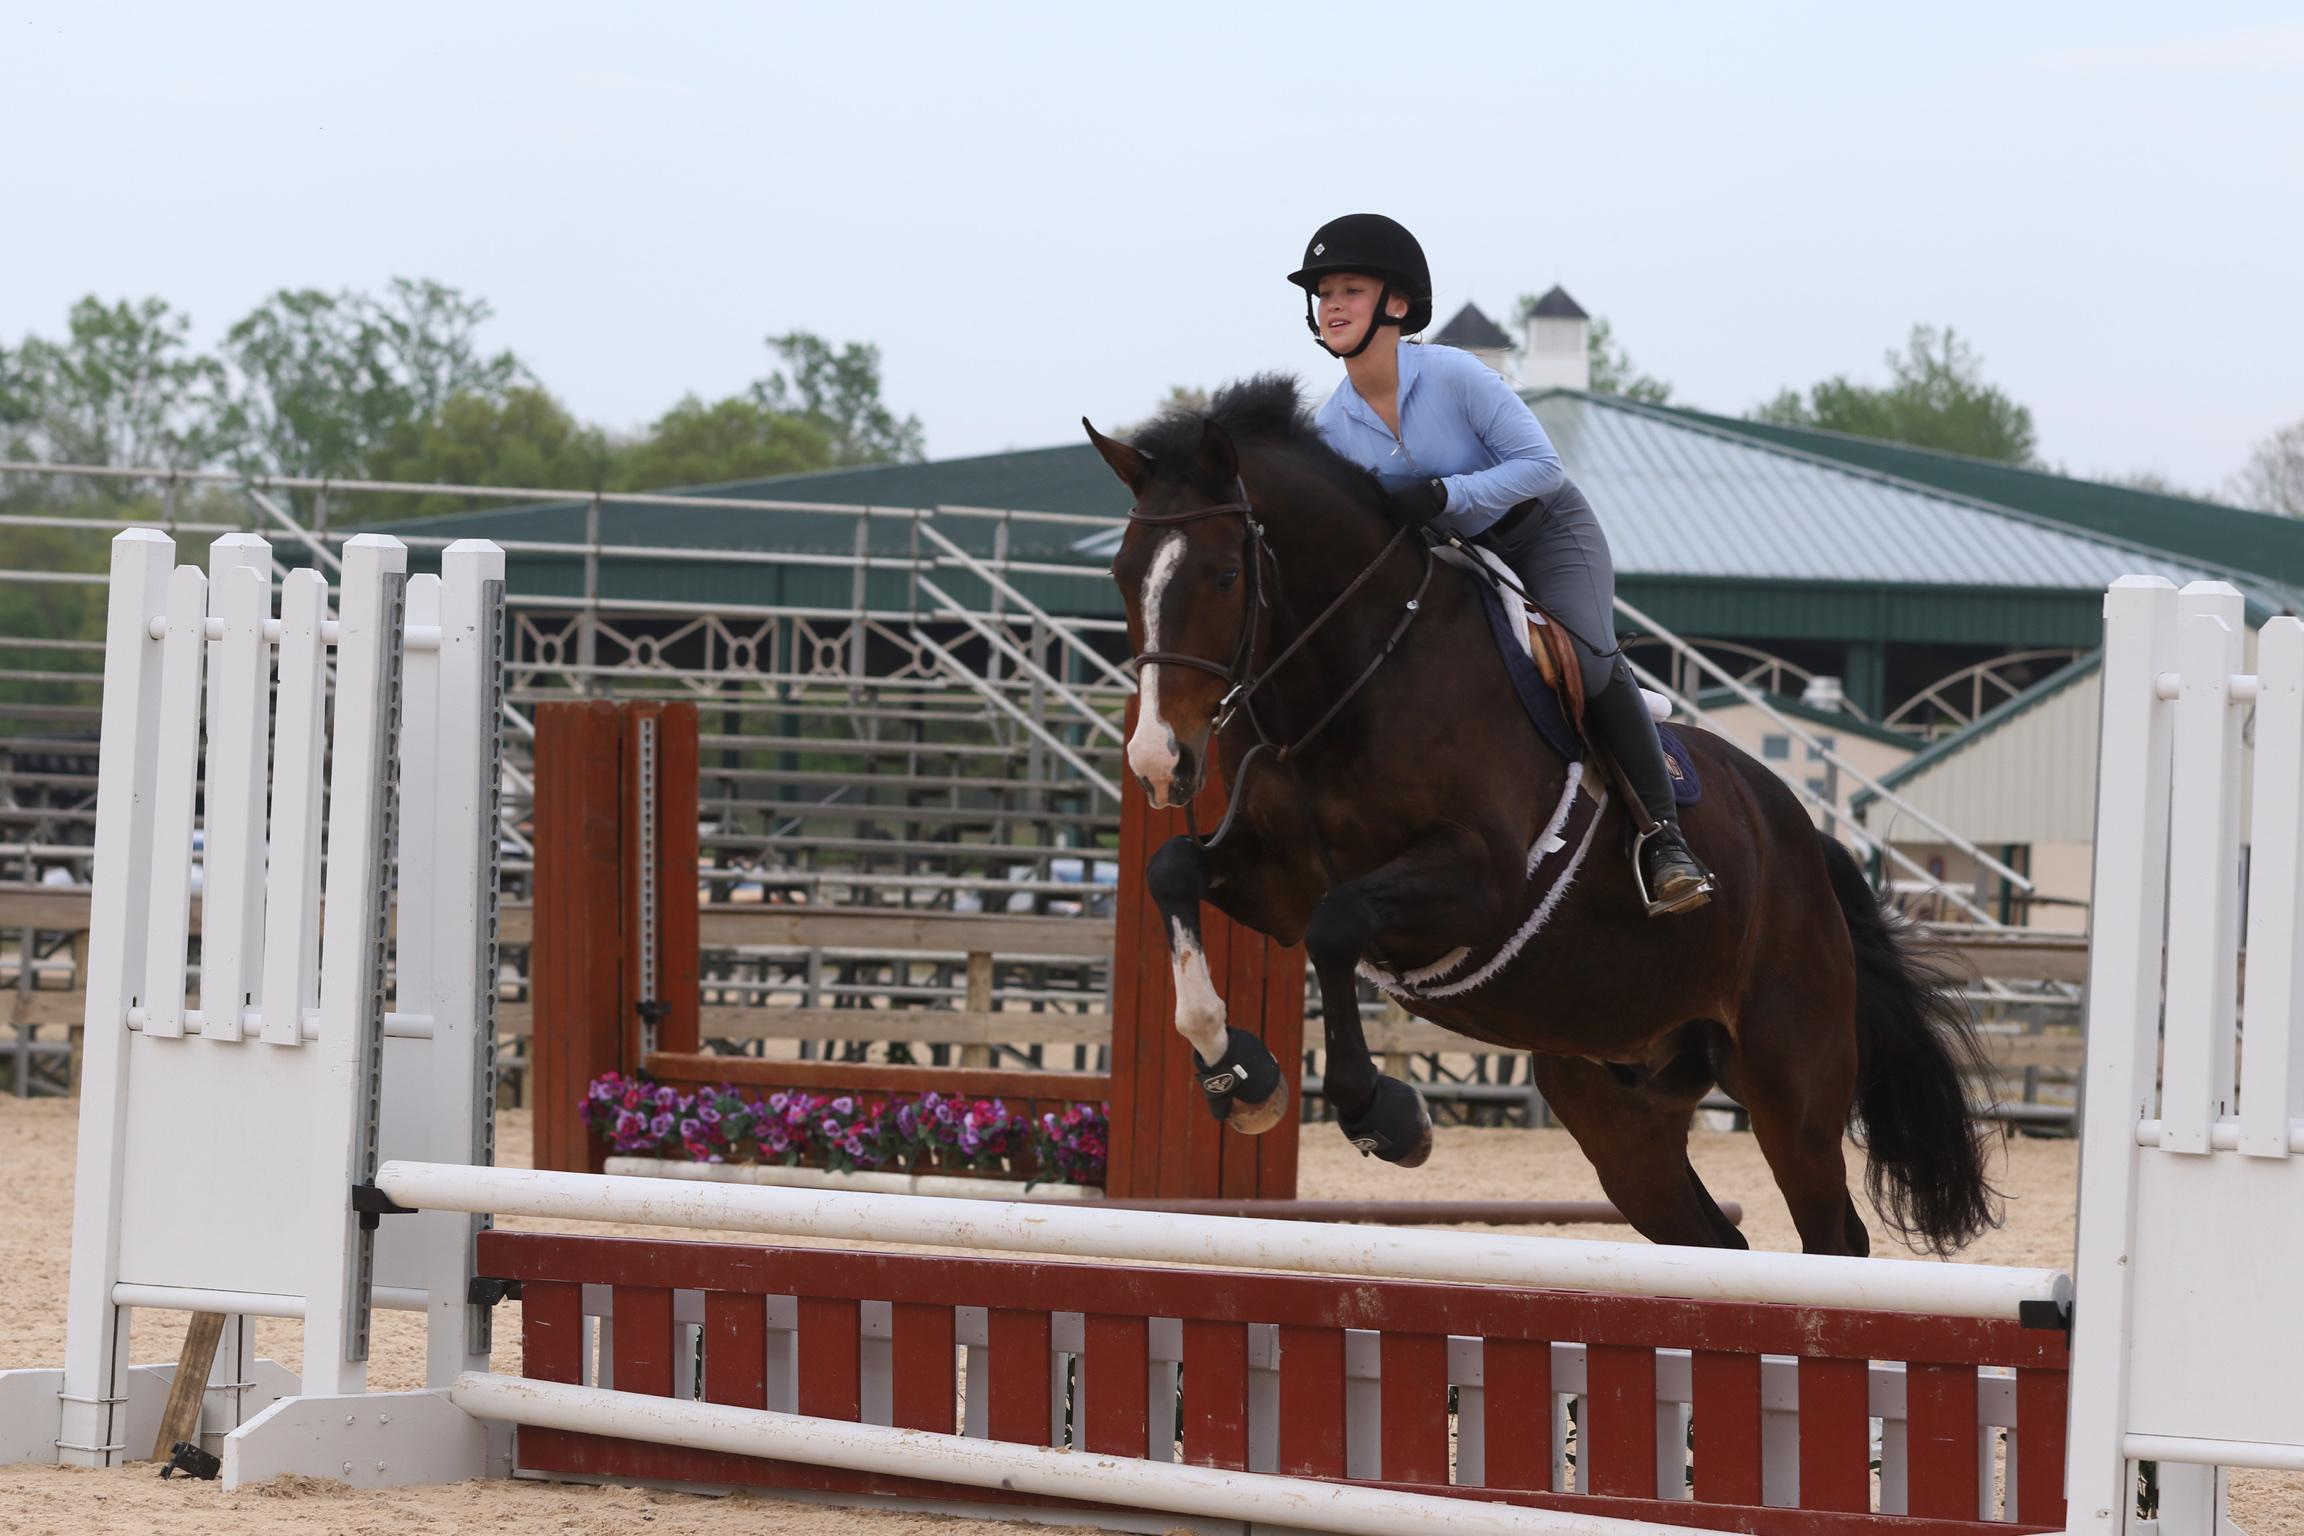 Lindsey jumping charisma.JPG